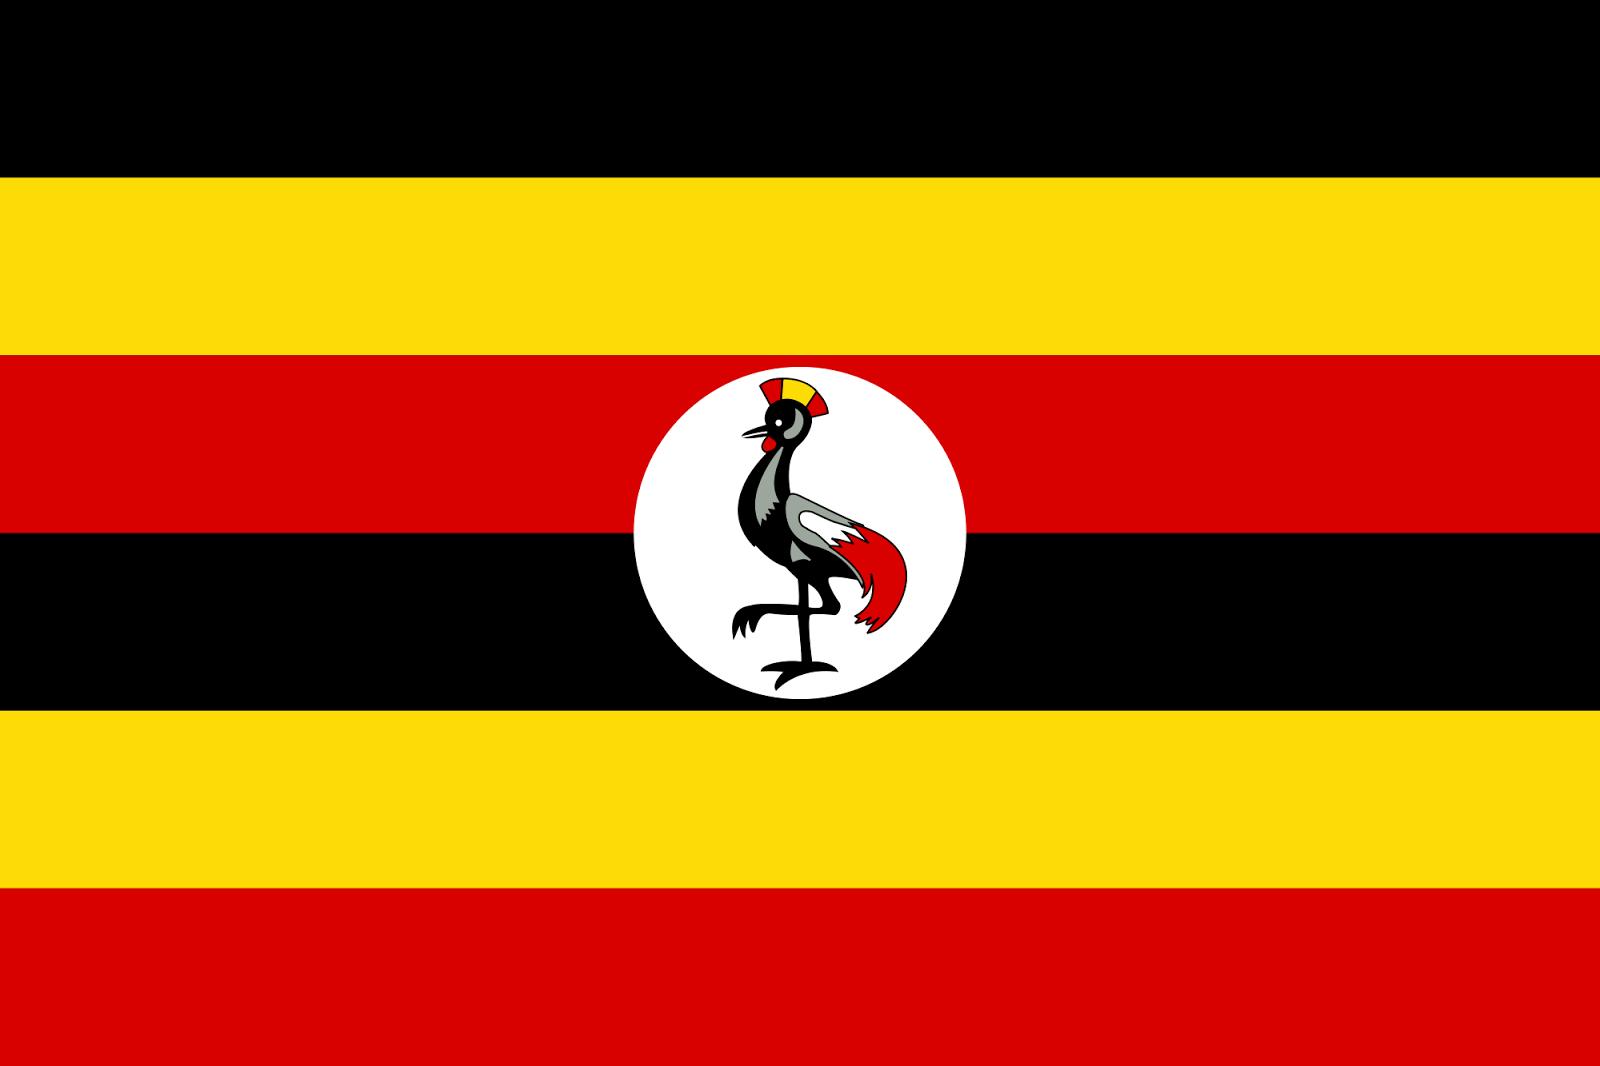 http://carbrandsincurrentproduction.blogspot.com.es/search/label/Uganda